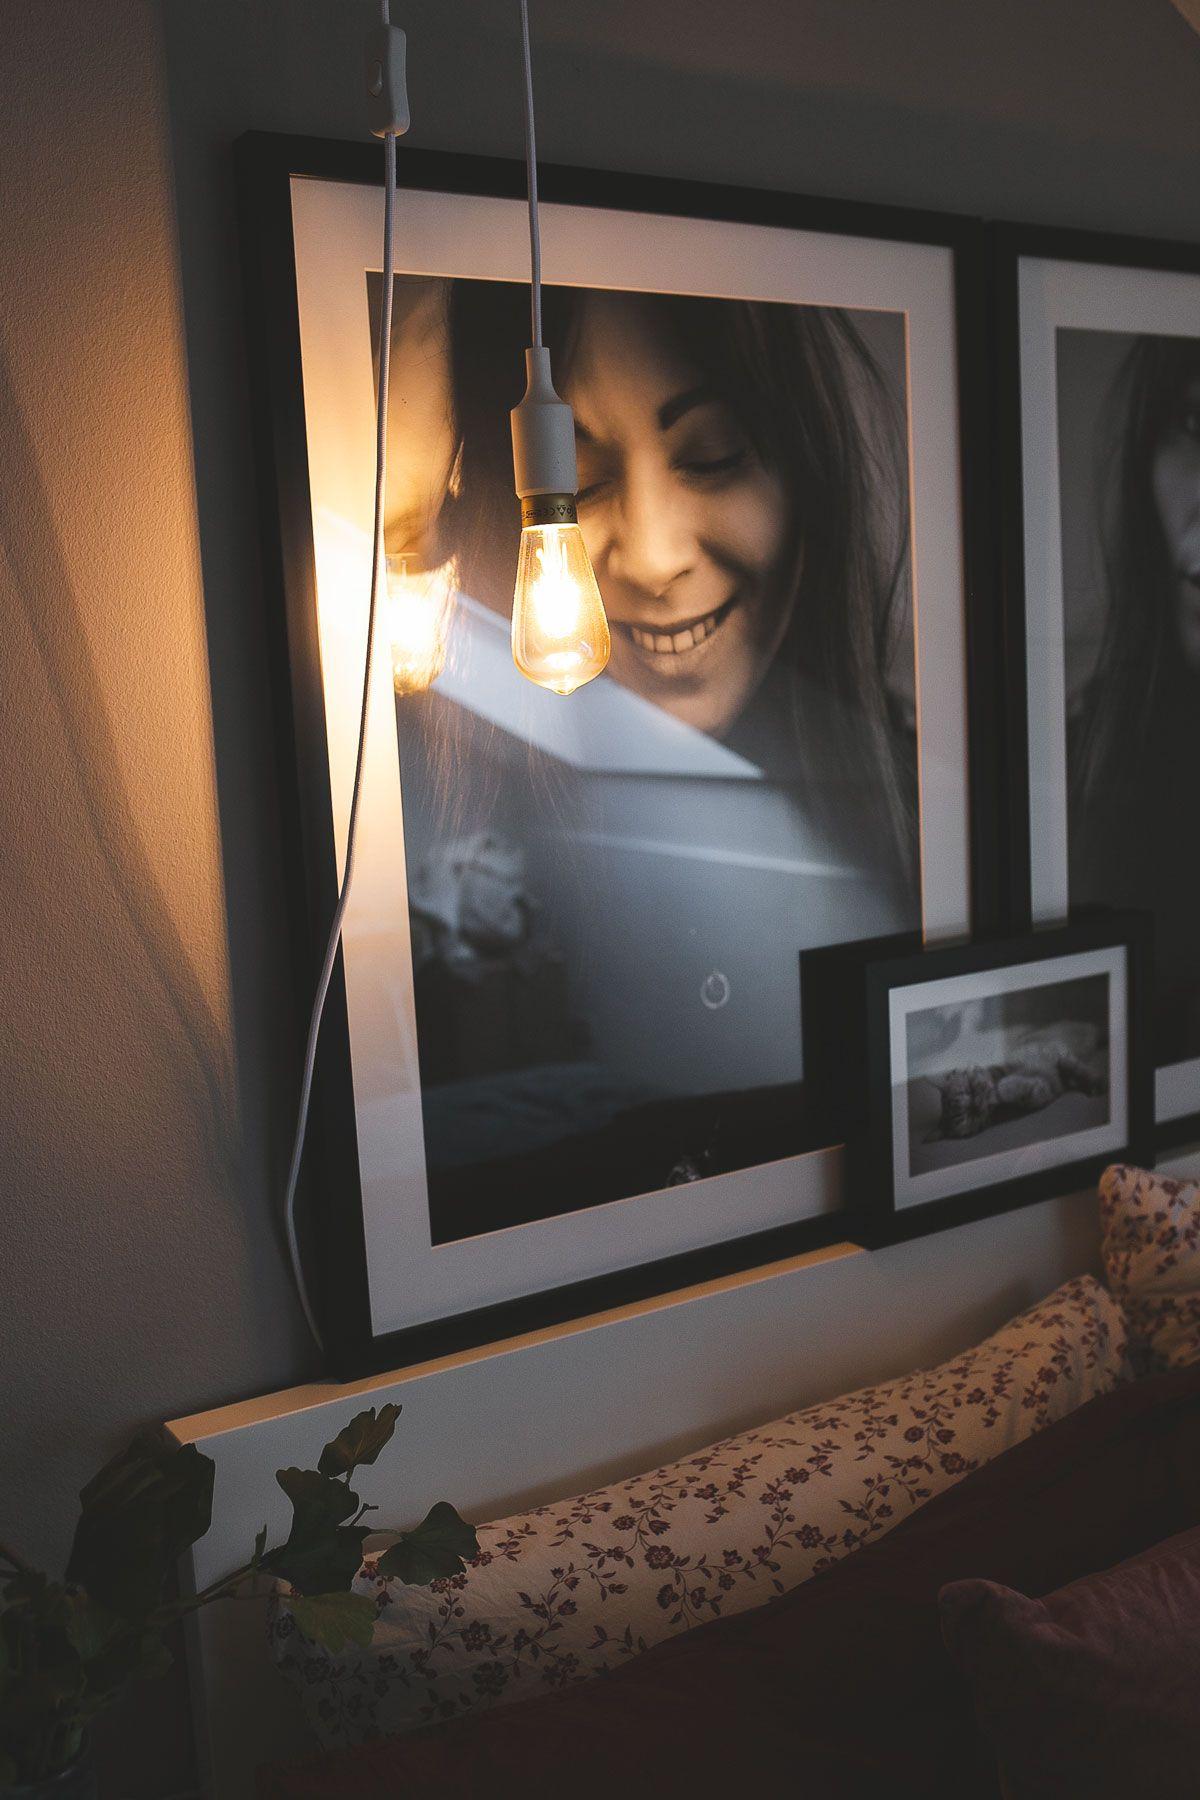 beitrag enthalt werbung fotos auf leinwand drucken lassen mein foto fotoservice poster fotowand gestalten ideen ohne keilrahmen 60x30